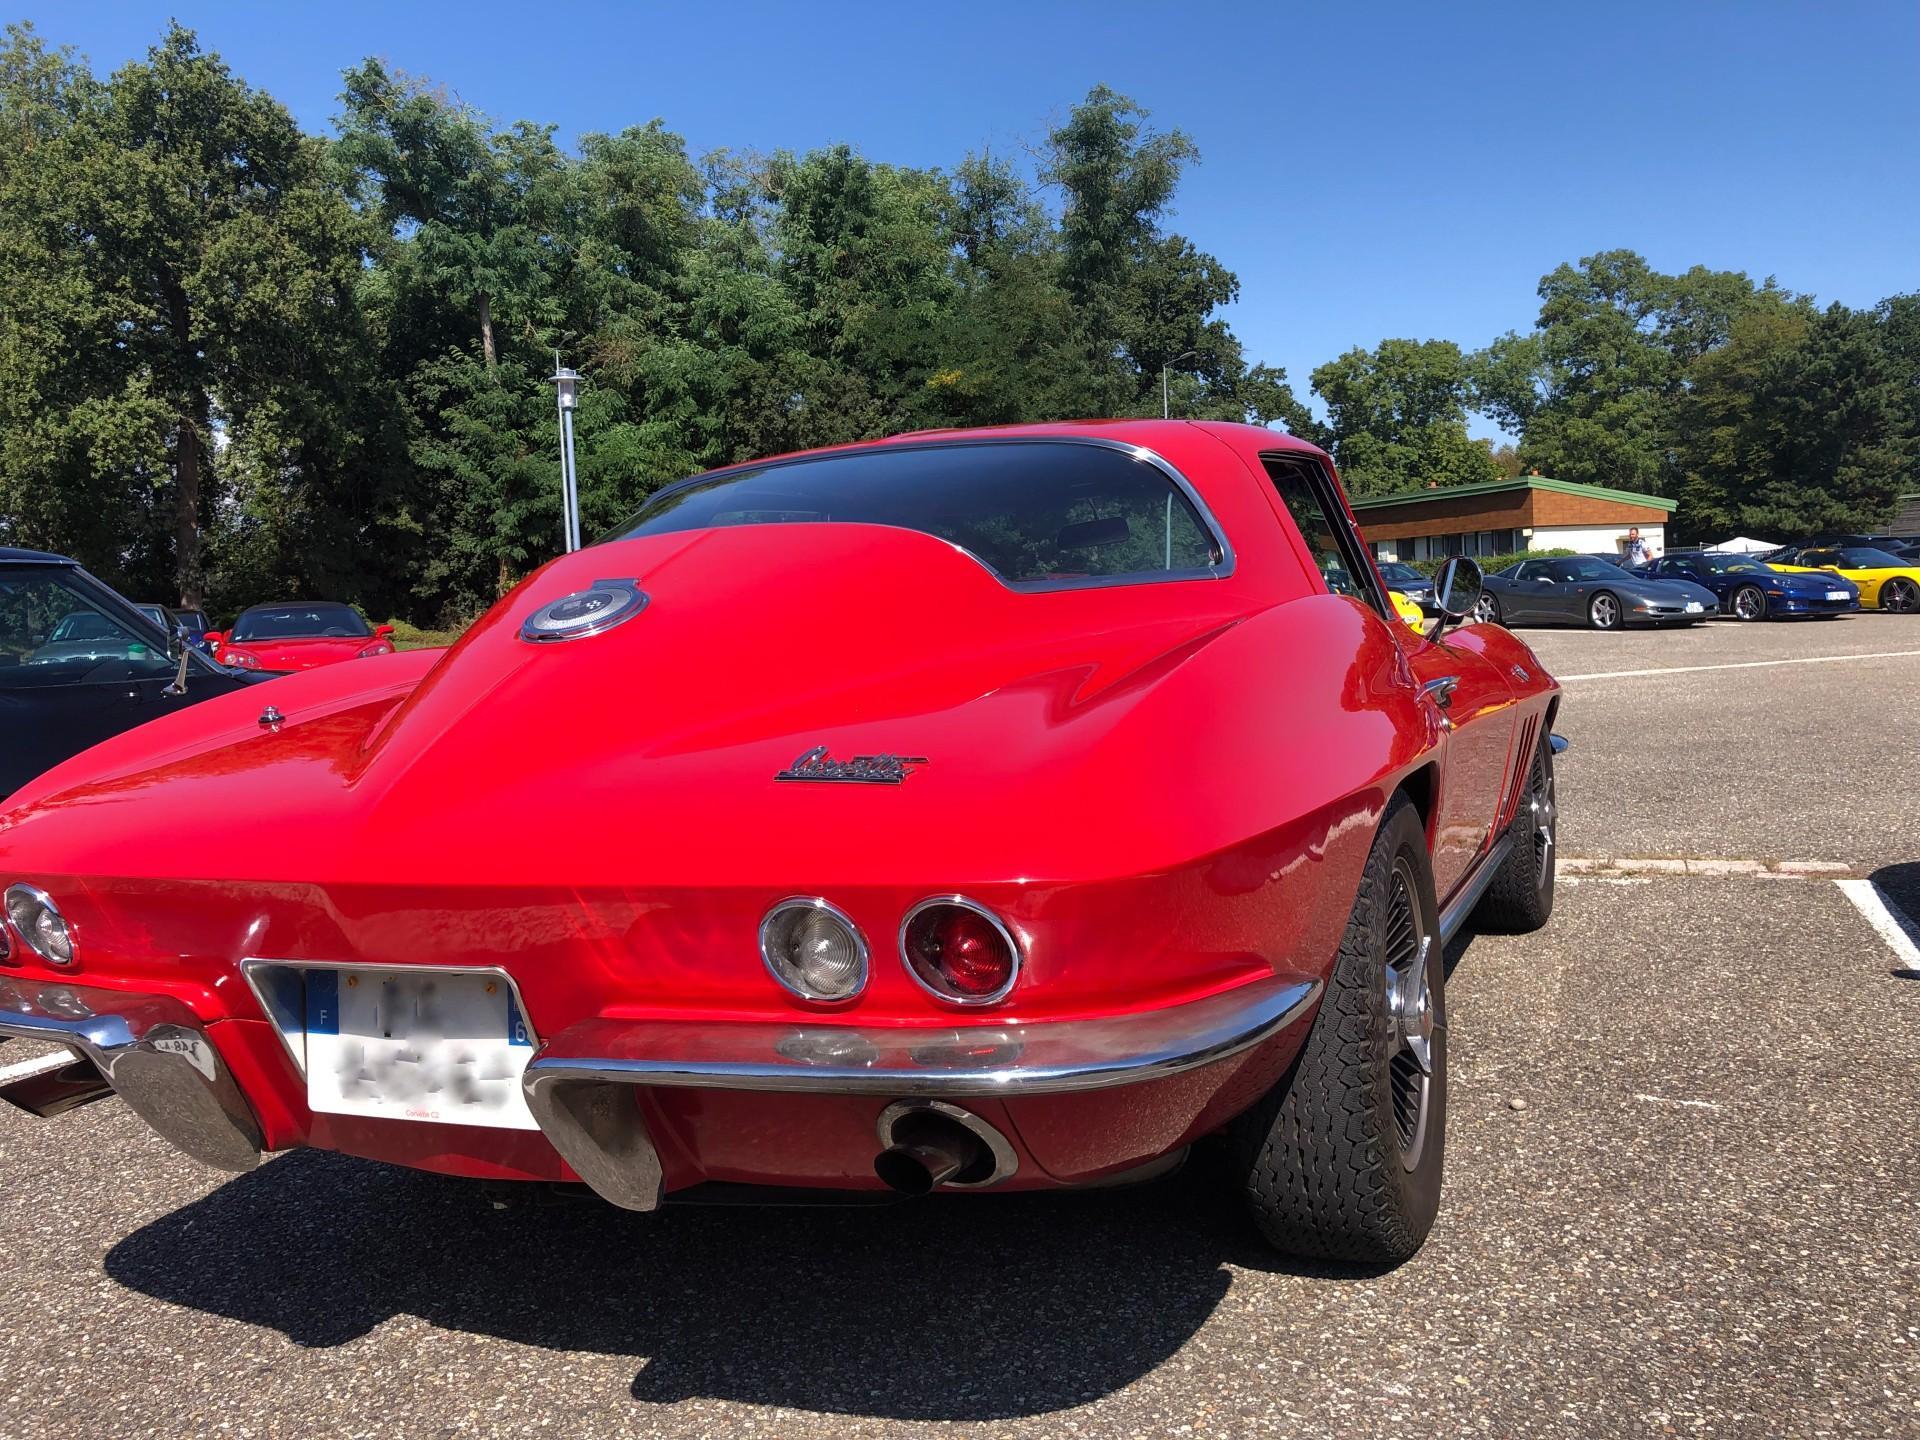 Corvette day 26